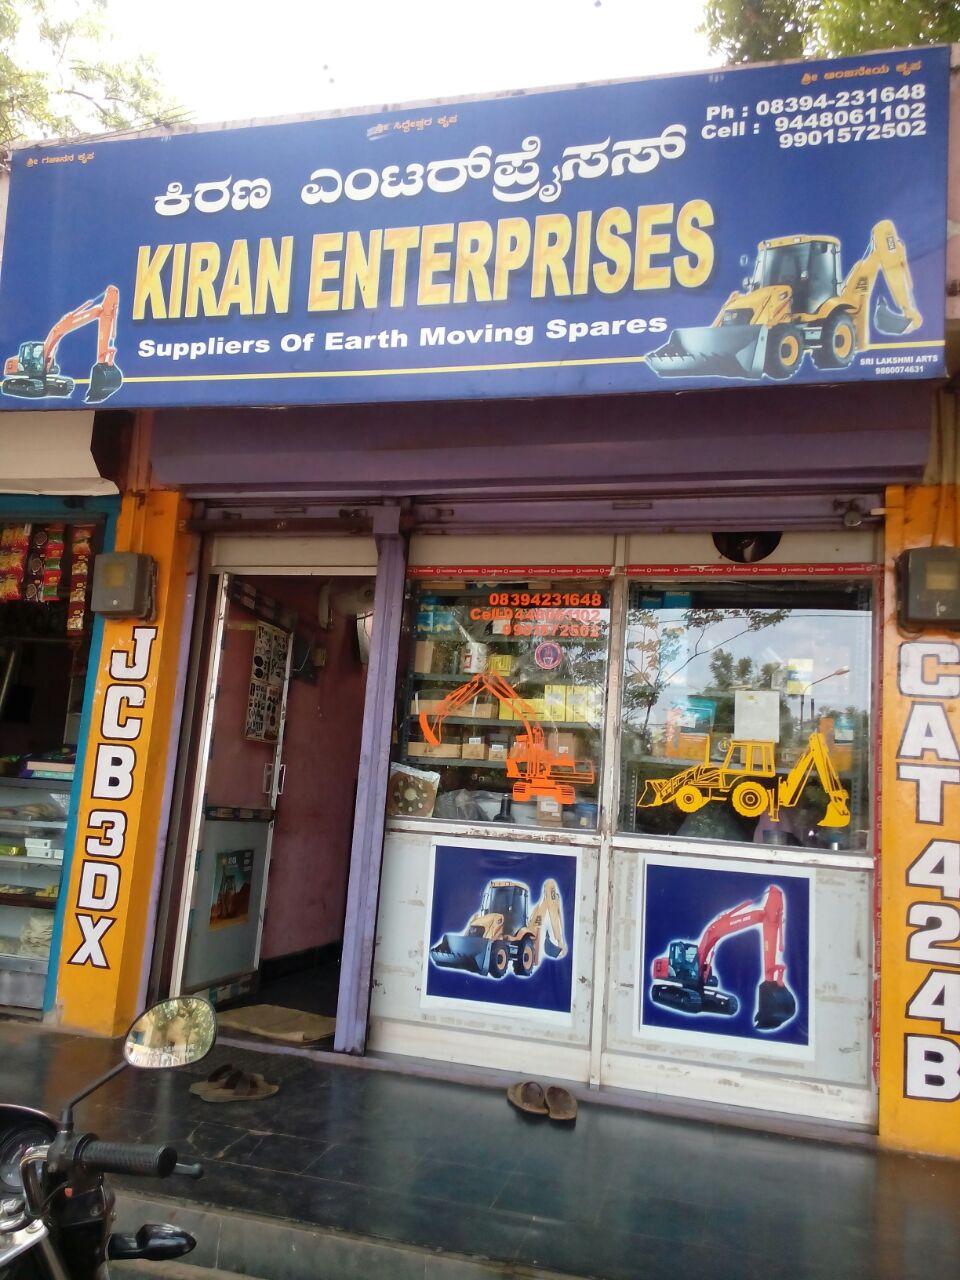 Kiran Enterprises